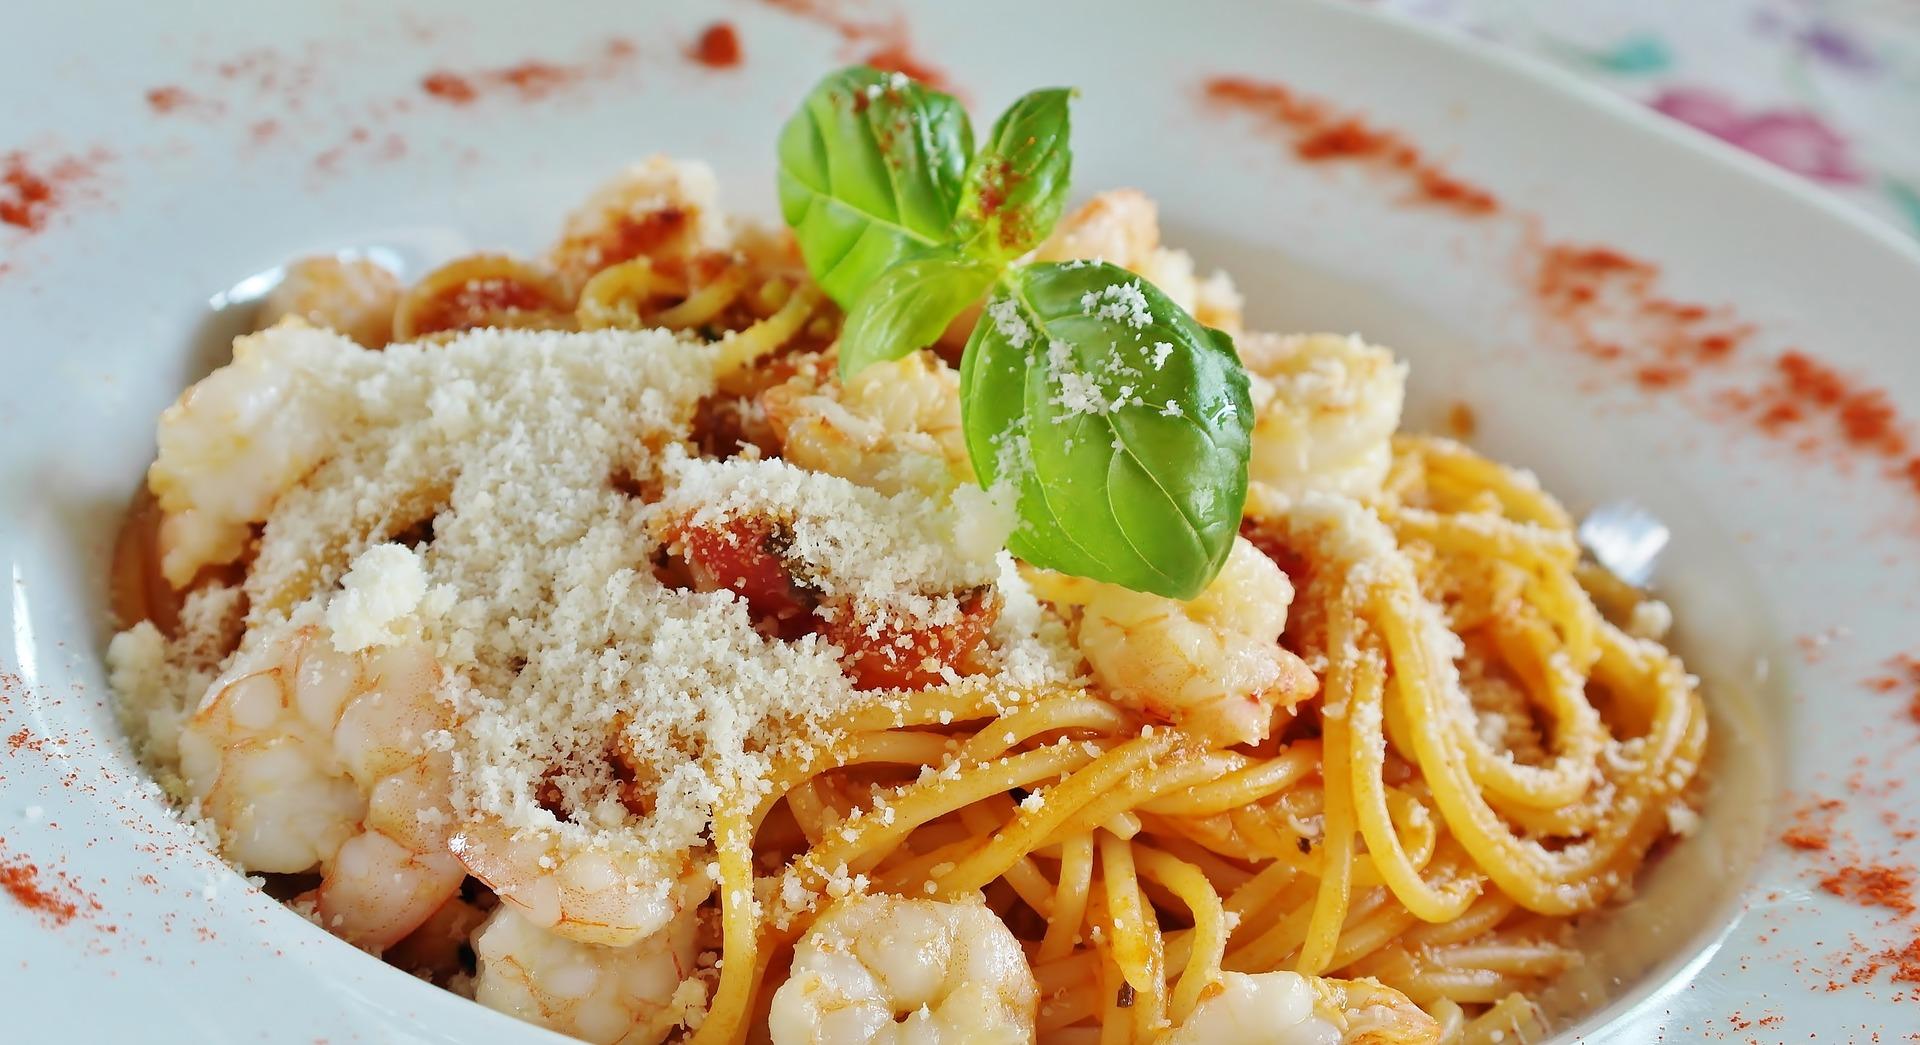 Spaghetti_CC0.jpg?1545809836